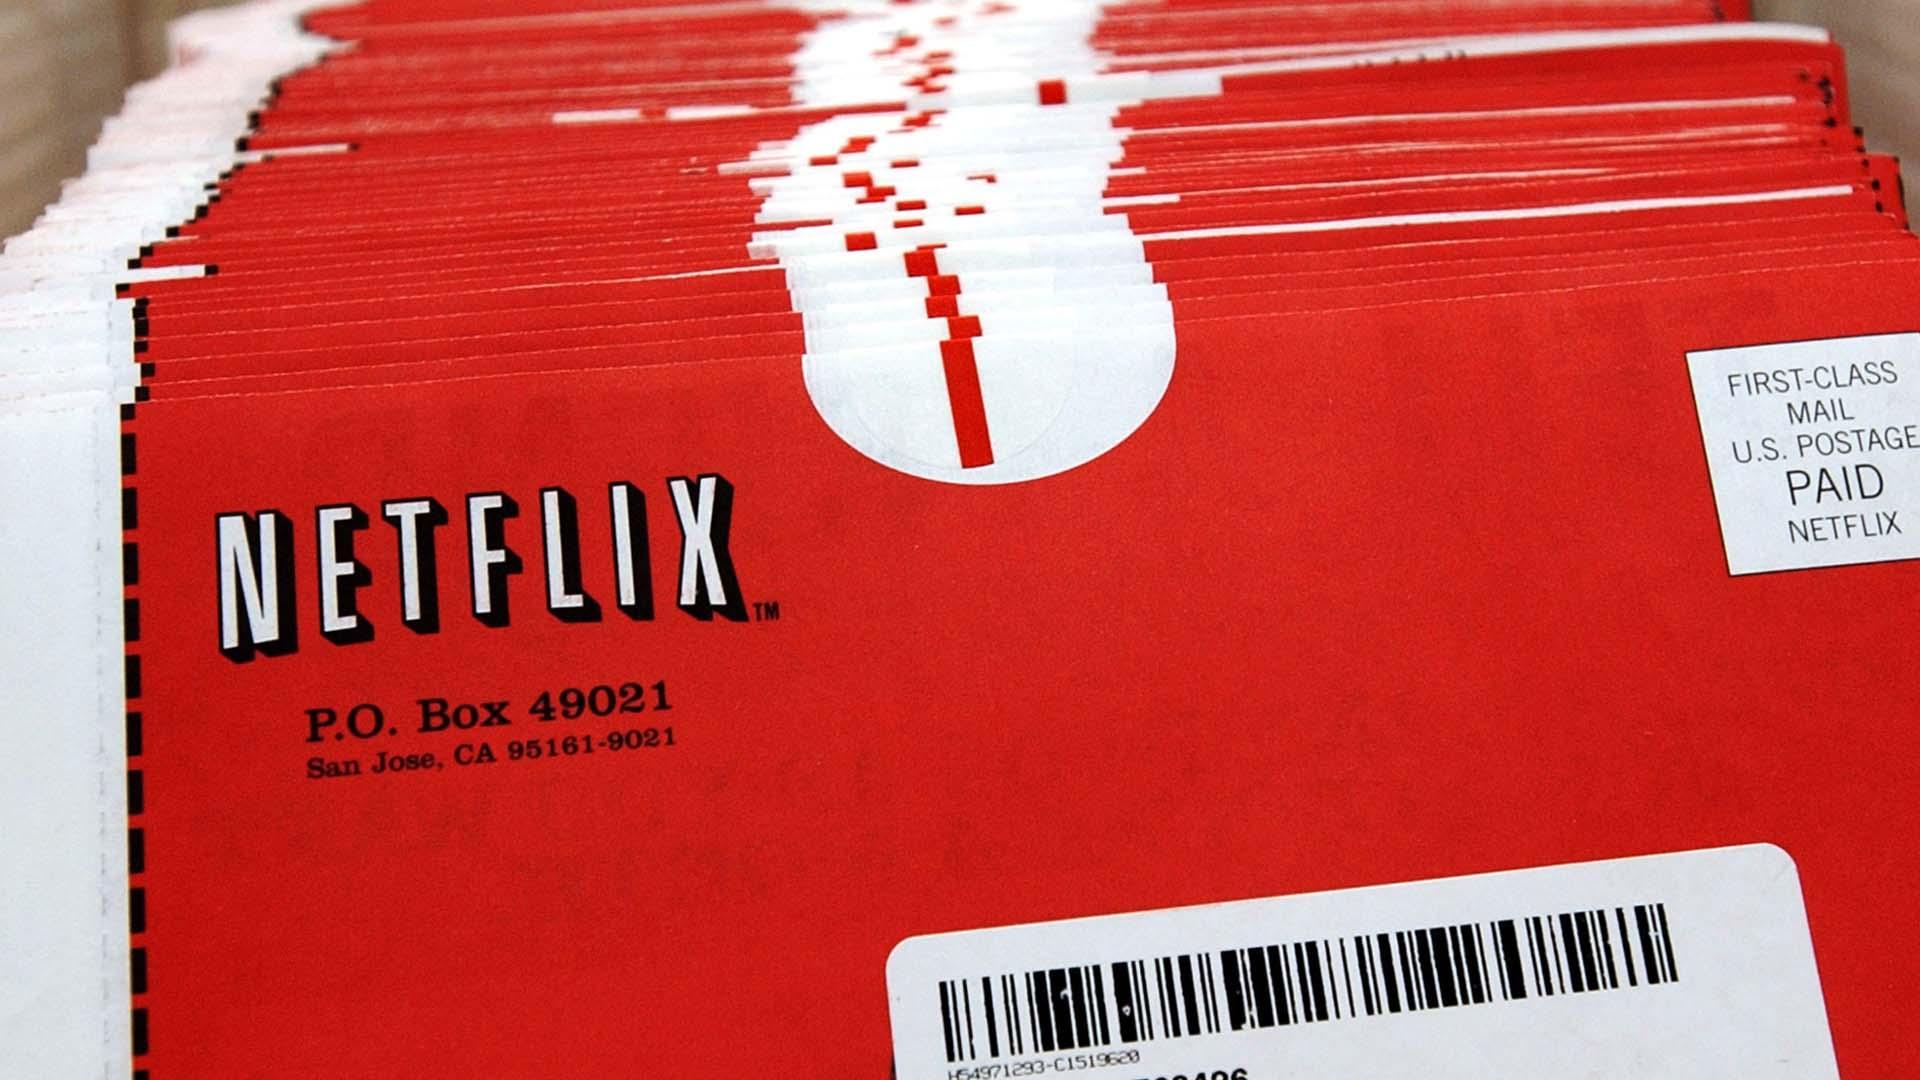 La compañía de streaming afirma que el país asiático suspendien y clausuran contenido constantemente